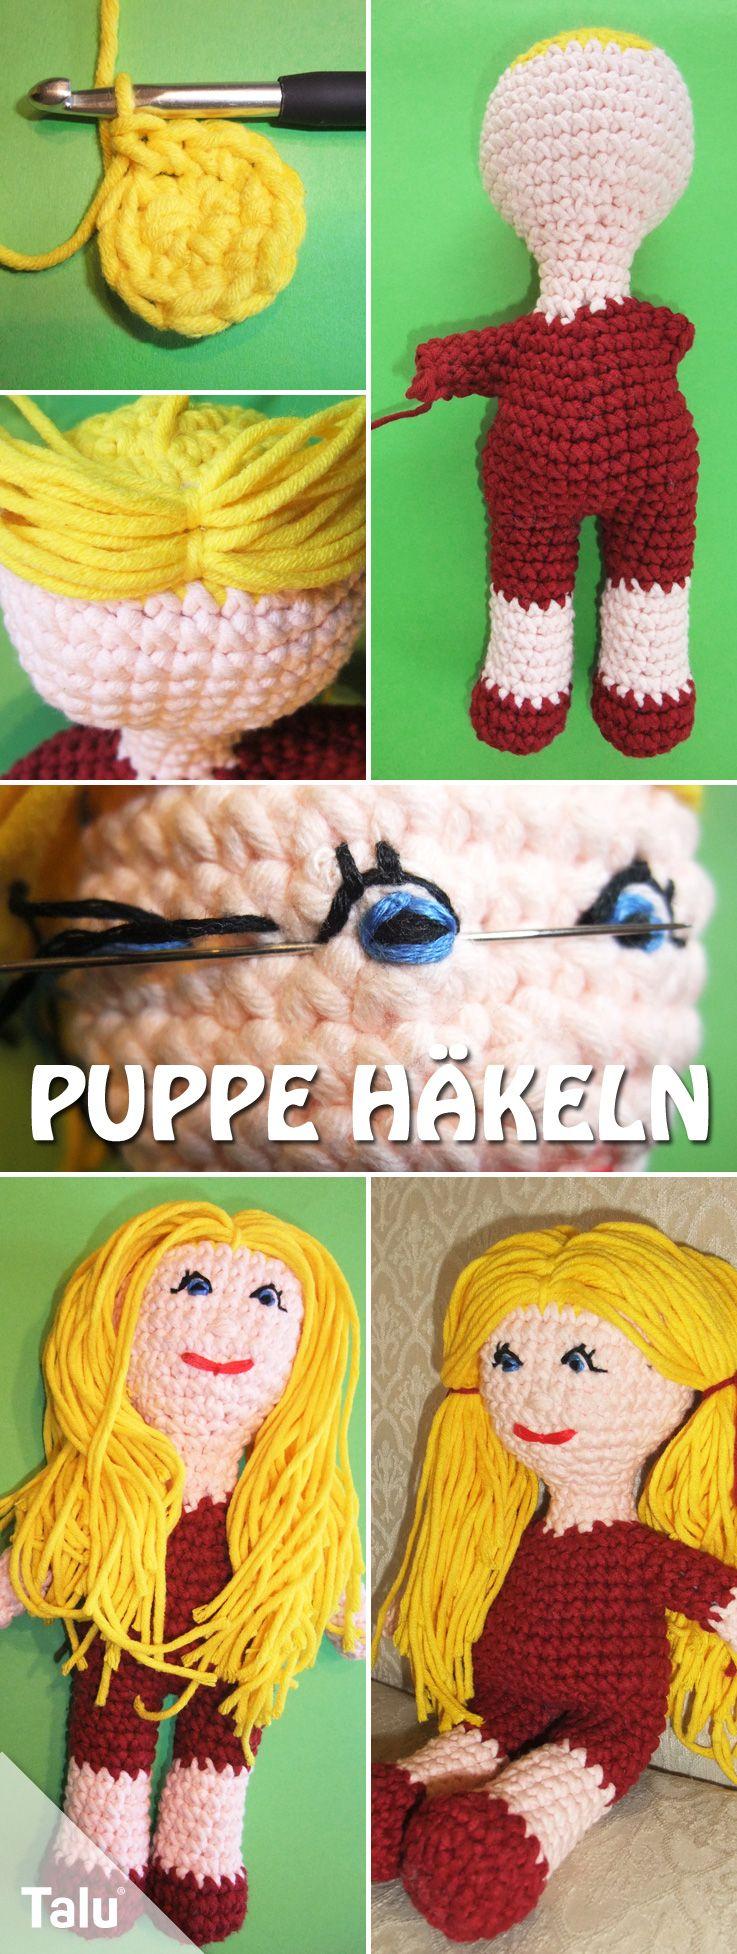 Puppe Selber Häkeln Kostenlose Anleitung Für Häkelpuppe Mit Haaren